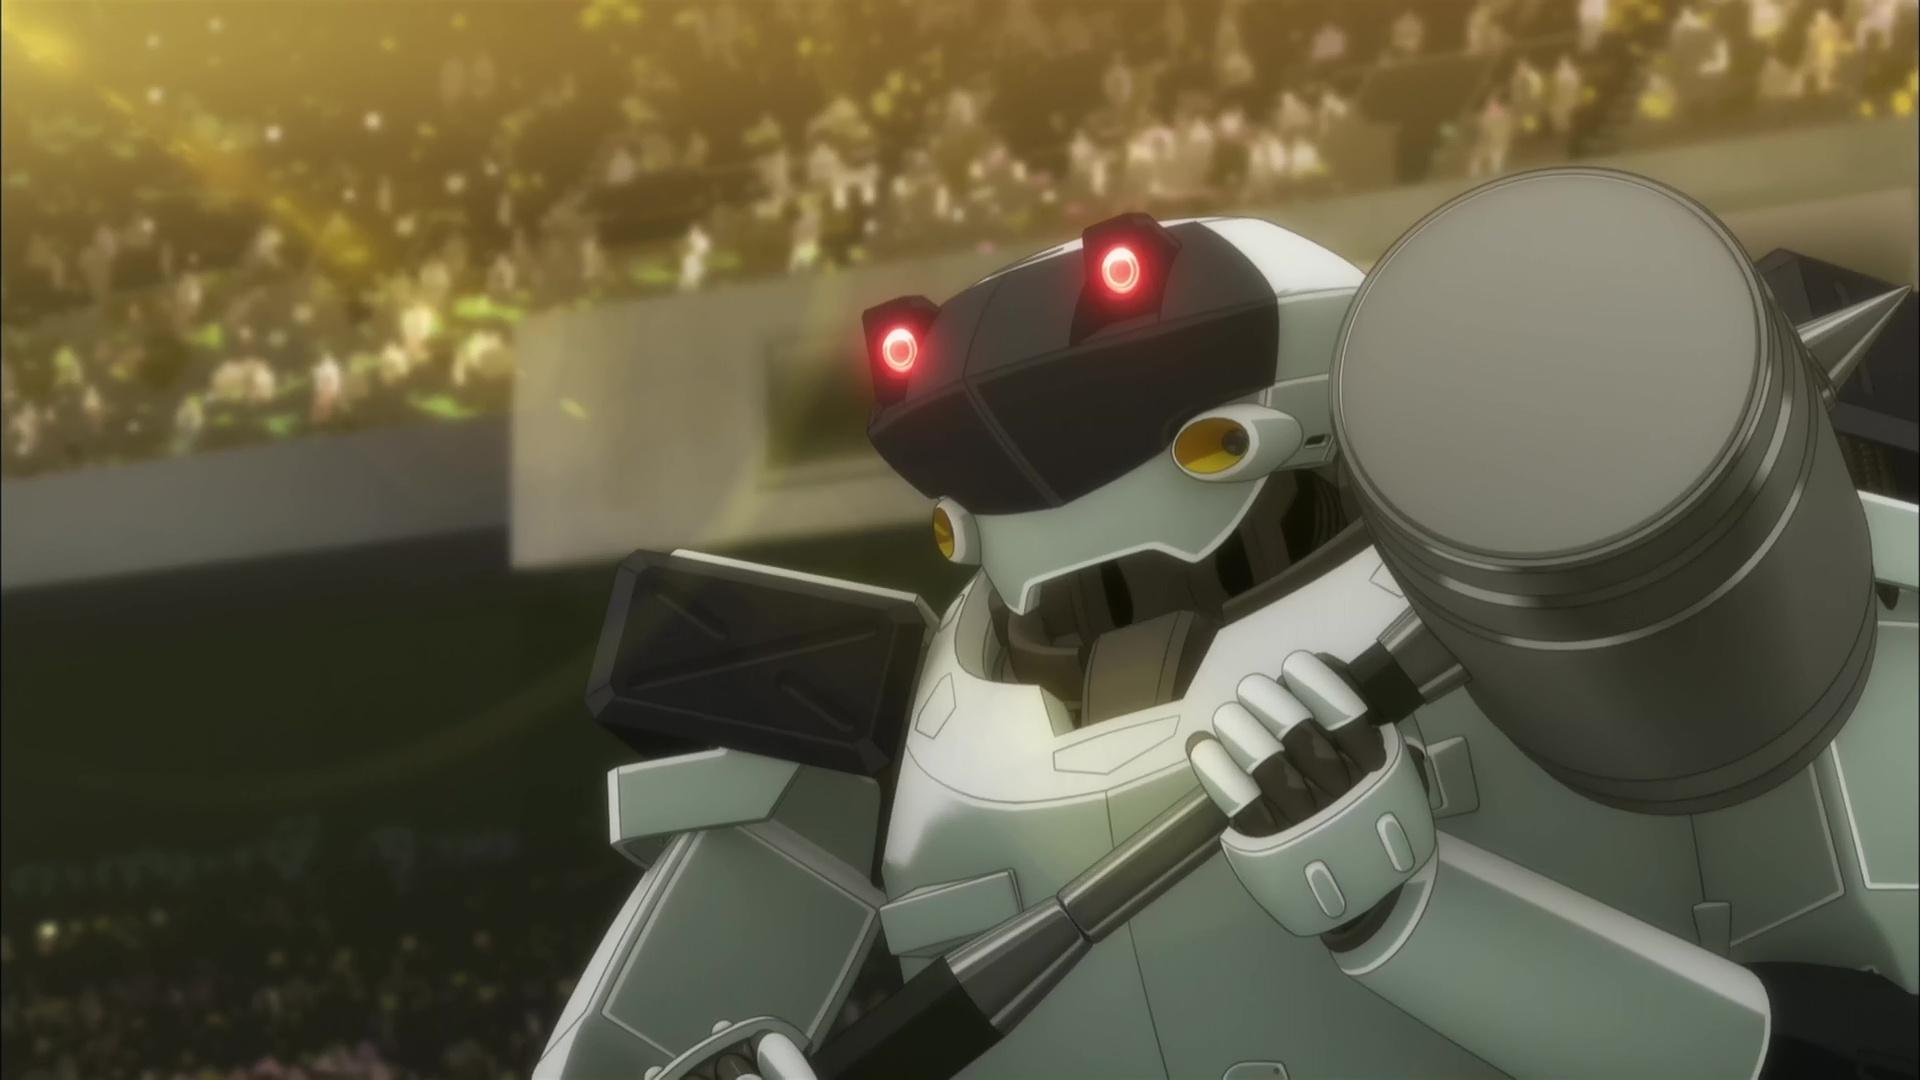 フルメタル・パニック!IV 第五話「WELCOME TO THE JUNGLE」視聴感想【ネタバレあり】